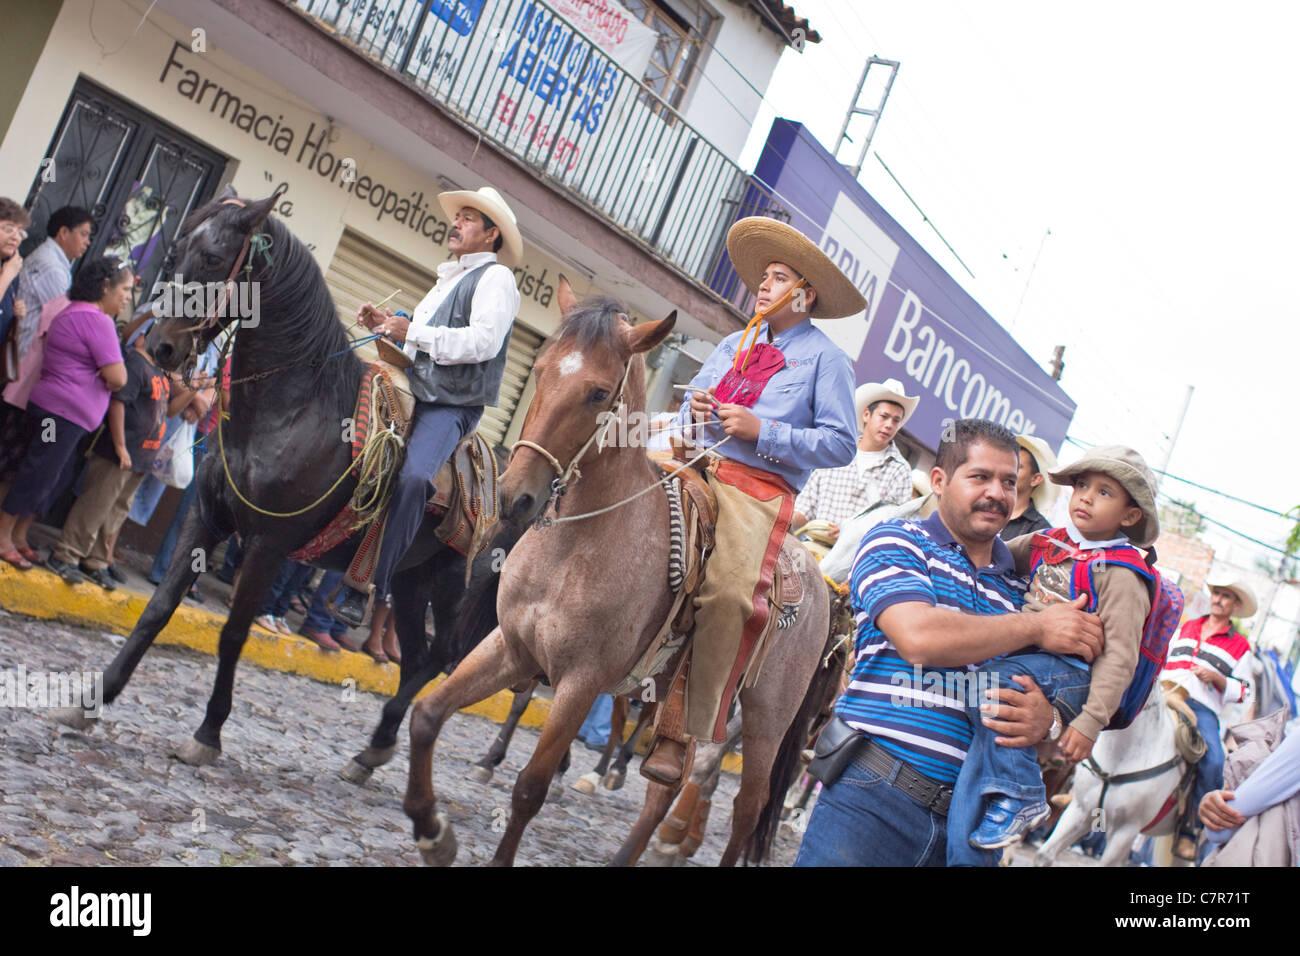 Charros (Reiter) und Parade-Goers, mexikanische Unabhängigkeitstag feiern, Ajijic, Chapala, Jalisco, Mexiko. Stockbild